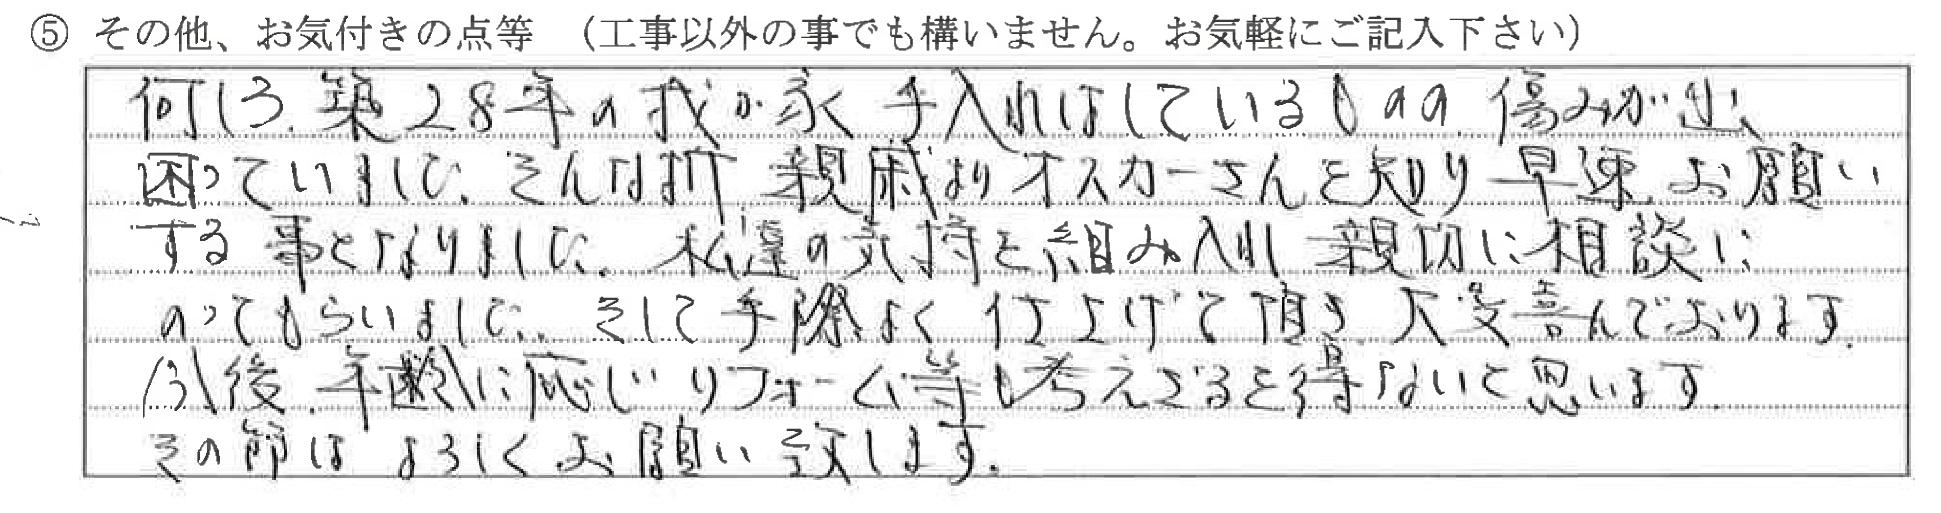 富山県富山市K様に頂いた雨漏れ補修についてのお気づきの点がありましたら、お聞かせ下さい。というご質問について「雨漏れ補修」というお声についての画像